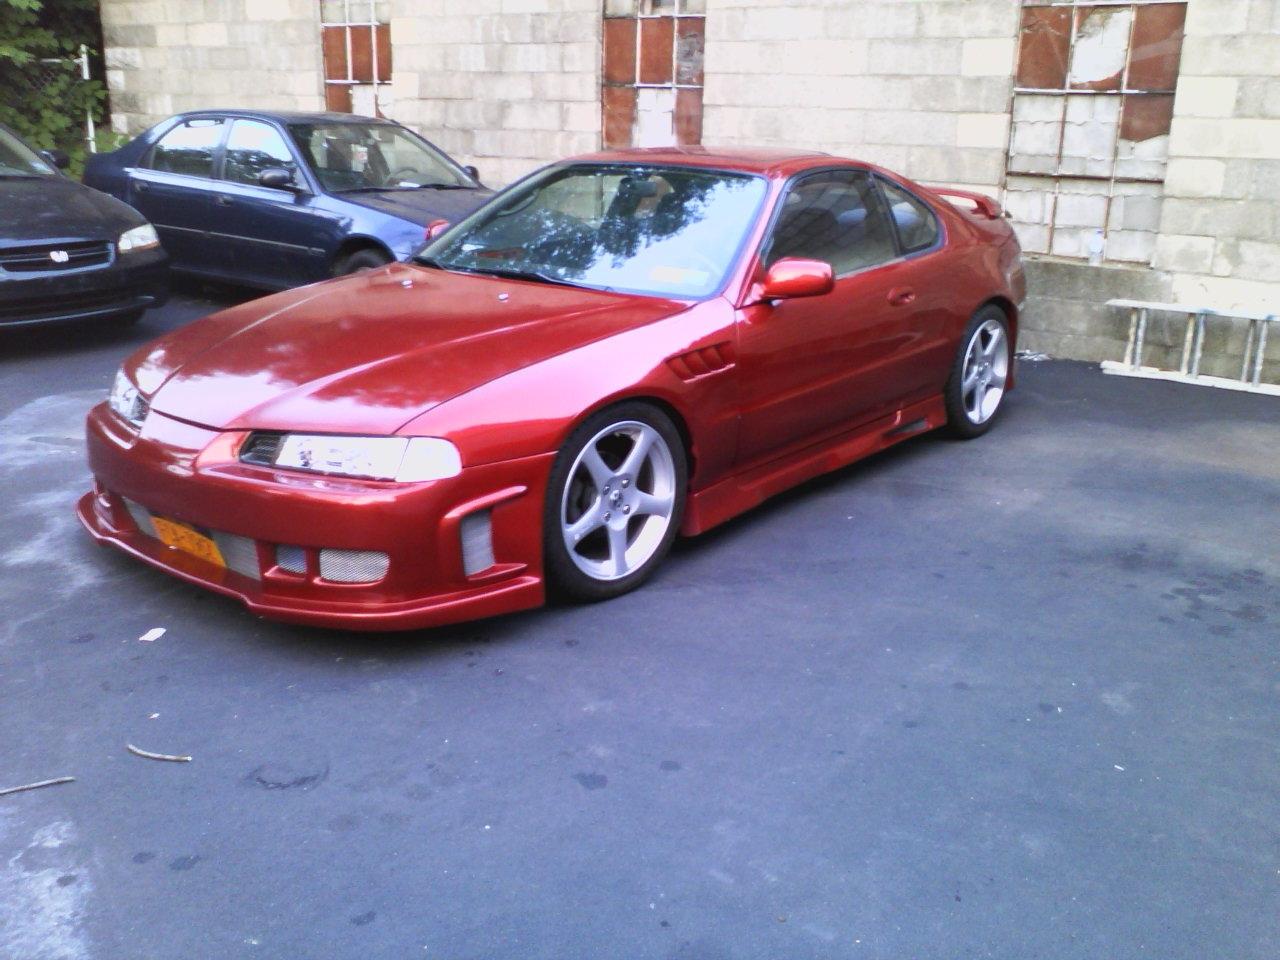 1989 Acura Integra >> 1993 Honda Prelude - Pictures - CarGurus